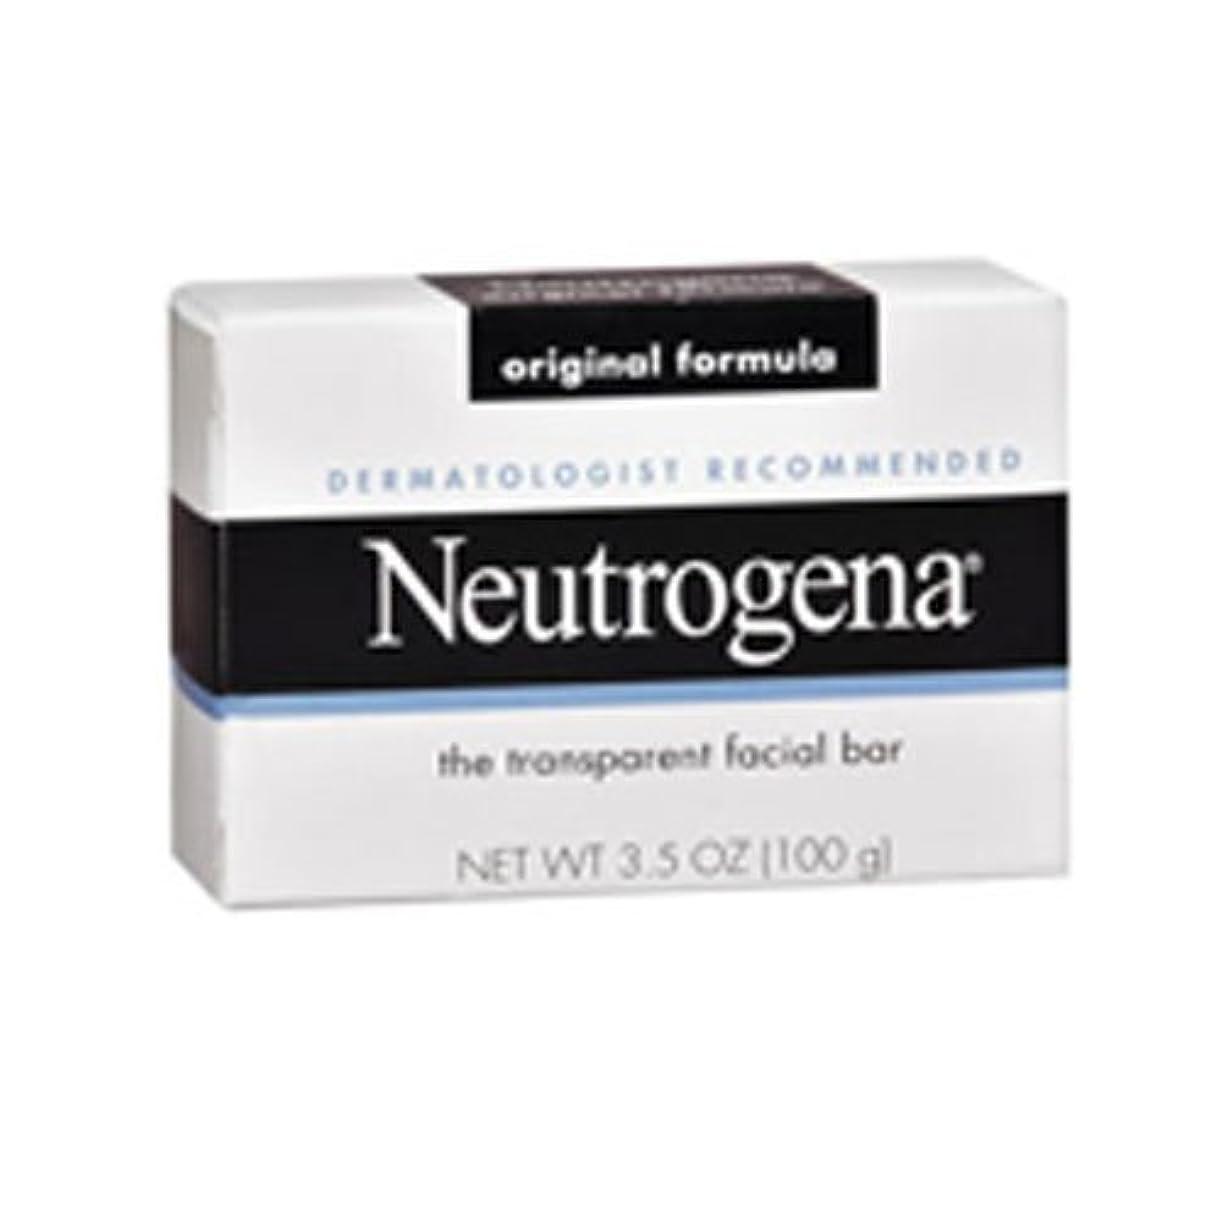 平和なレキシコン拾う海外直送肘 Neutrogena Transparent Facial Soap Bar, 3.5 oz